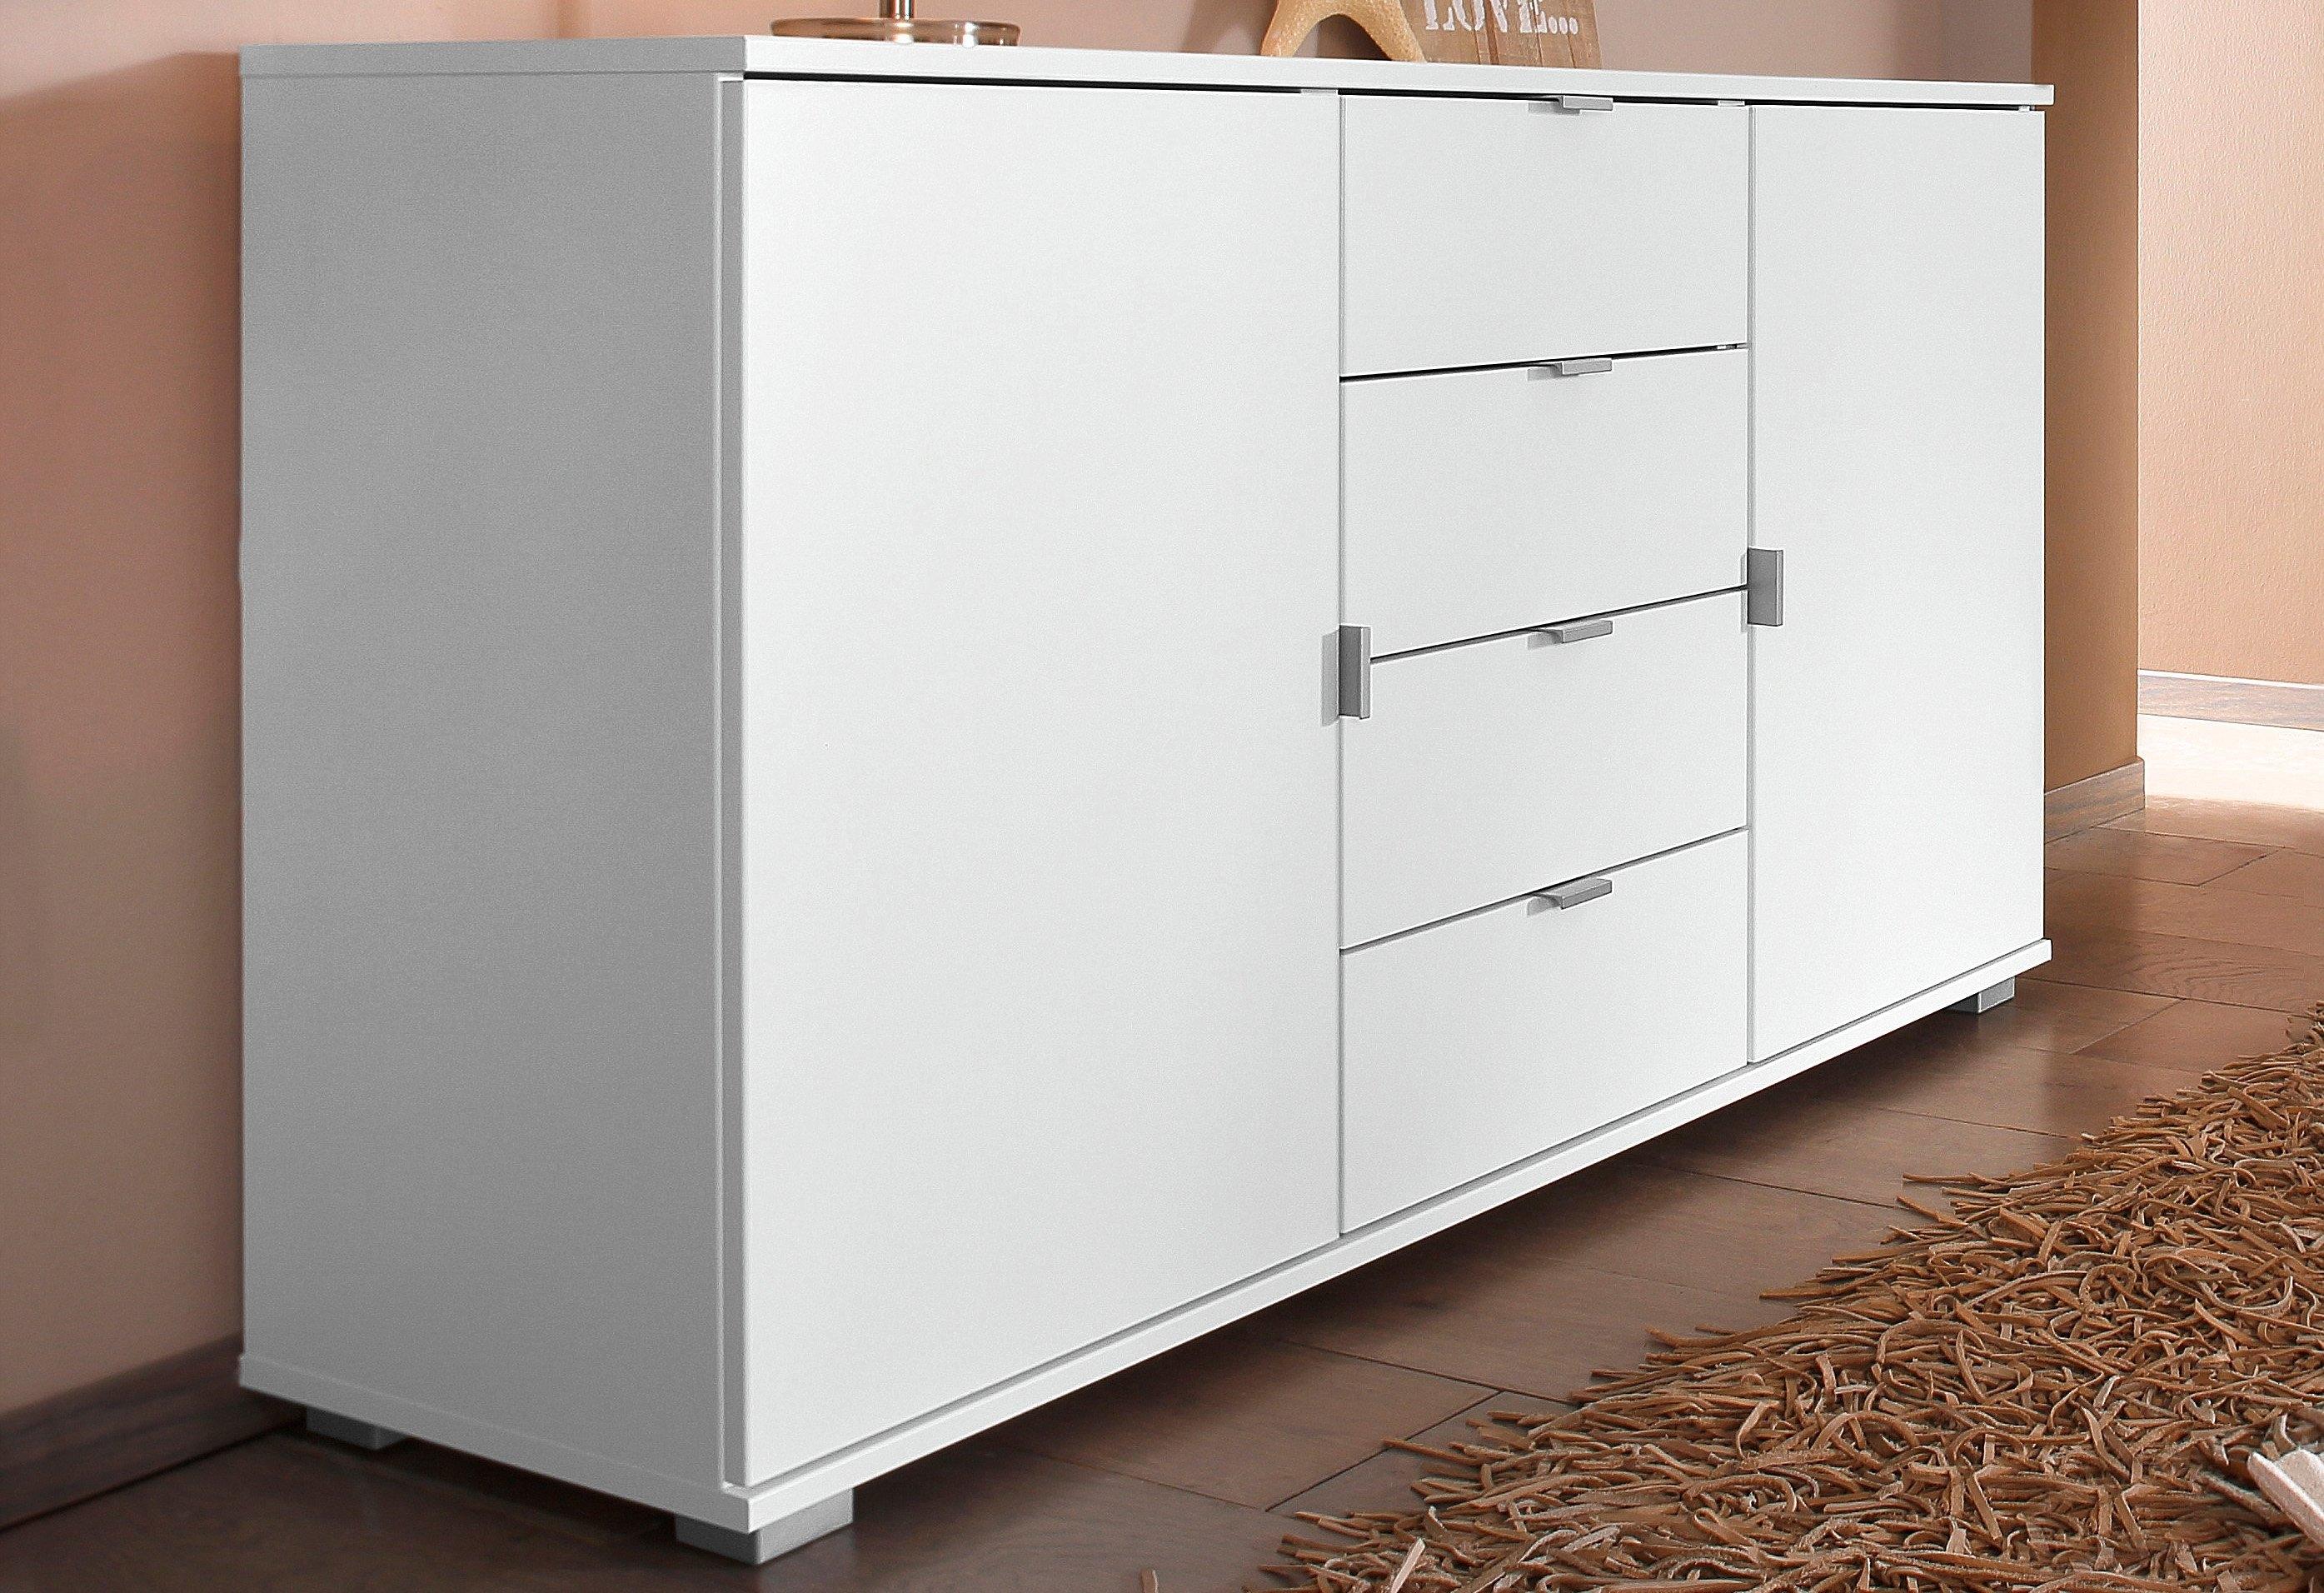 Sideboard met een breedte van 123 cm - gratis ruilen op otto.nl